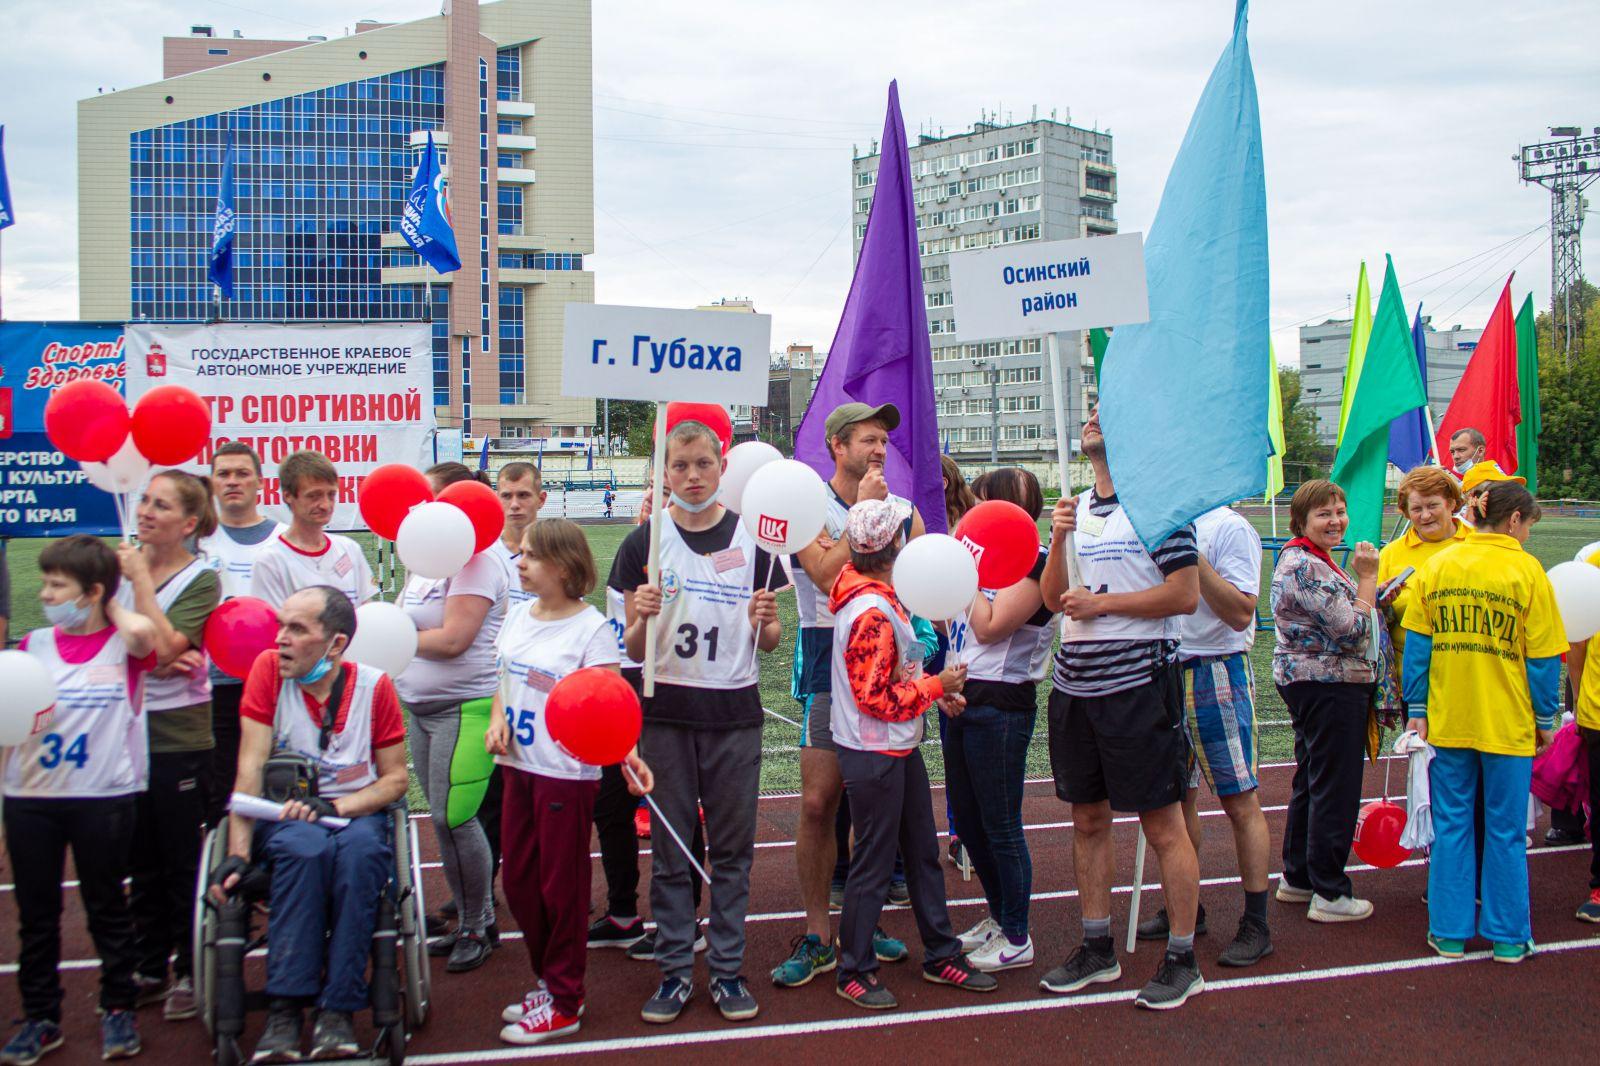 29 августа состоялся Спортивный праздник по легкой атлетике среди лиц с ОВЗ Пермского края, посвященный Всероссийскому Дню физкультурника